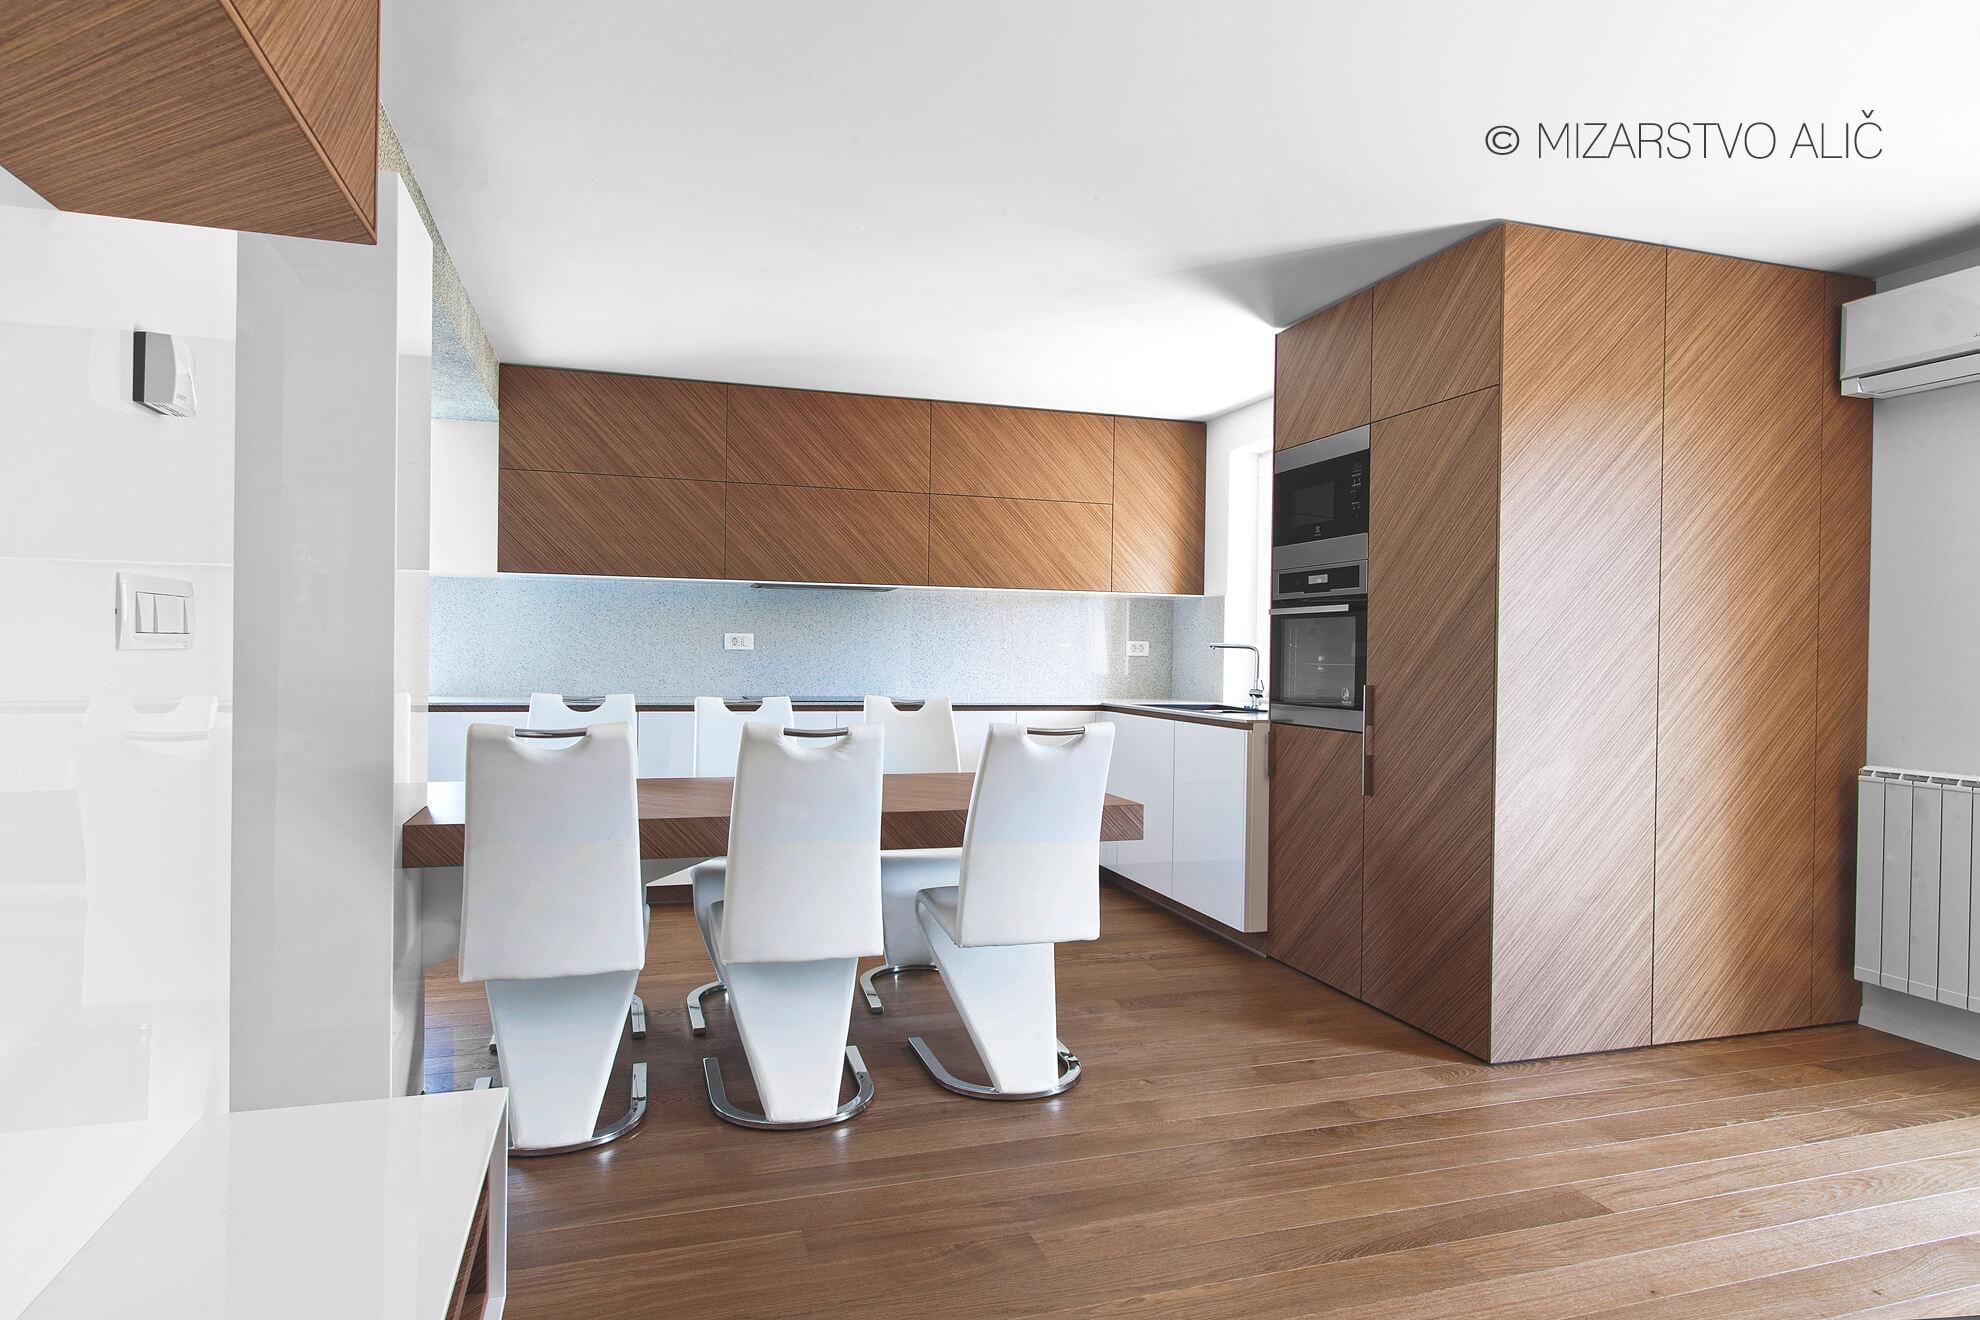 furnirana moderna kuhinja pult umetni kamen